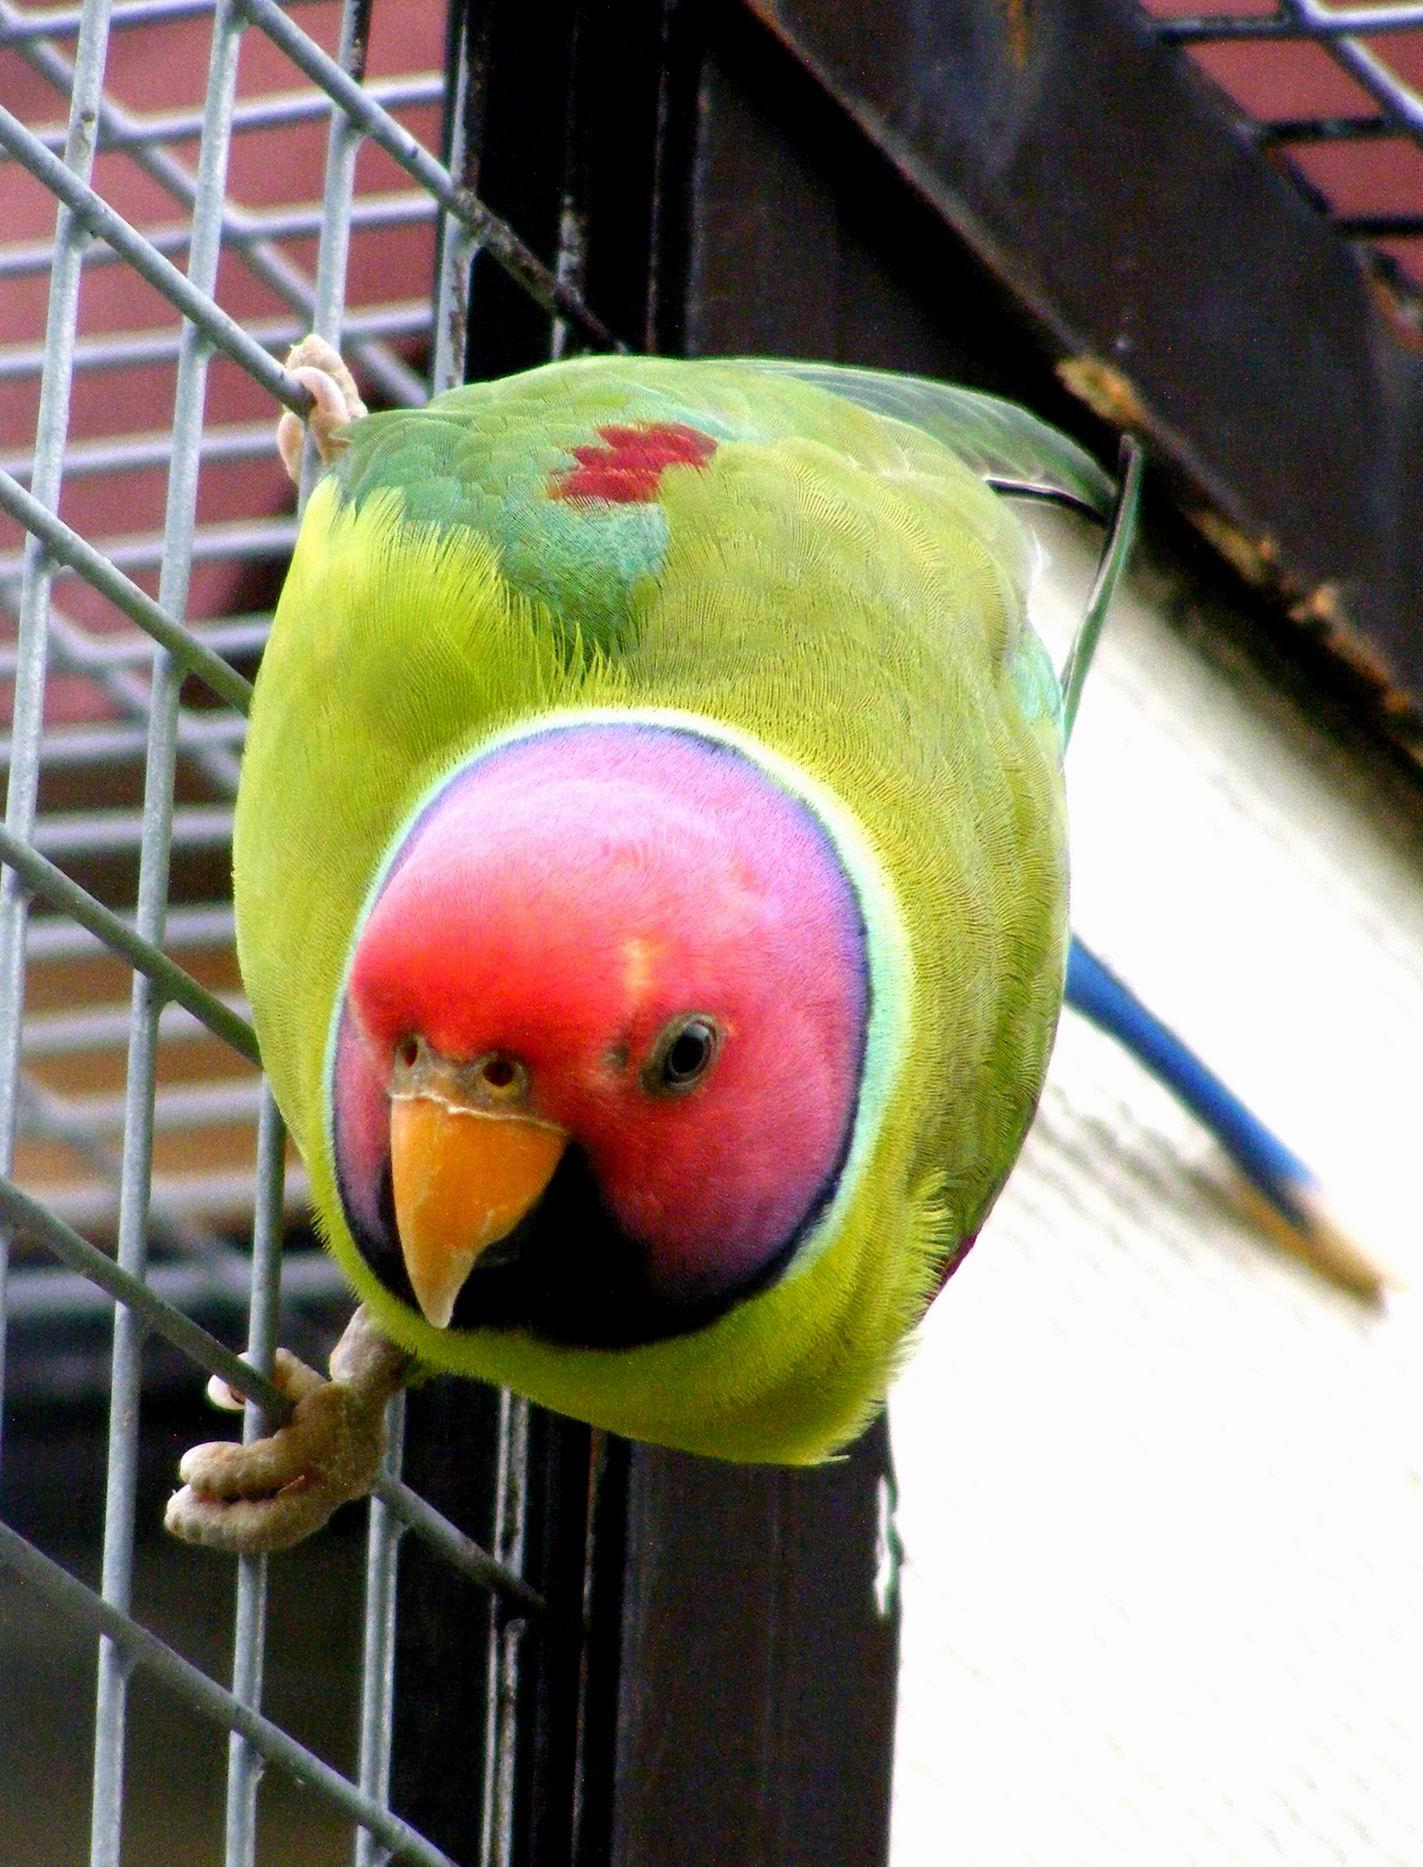 Сливоголовый попугай. Парк птиц 'Воробьи'